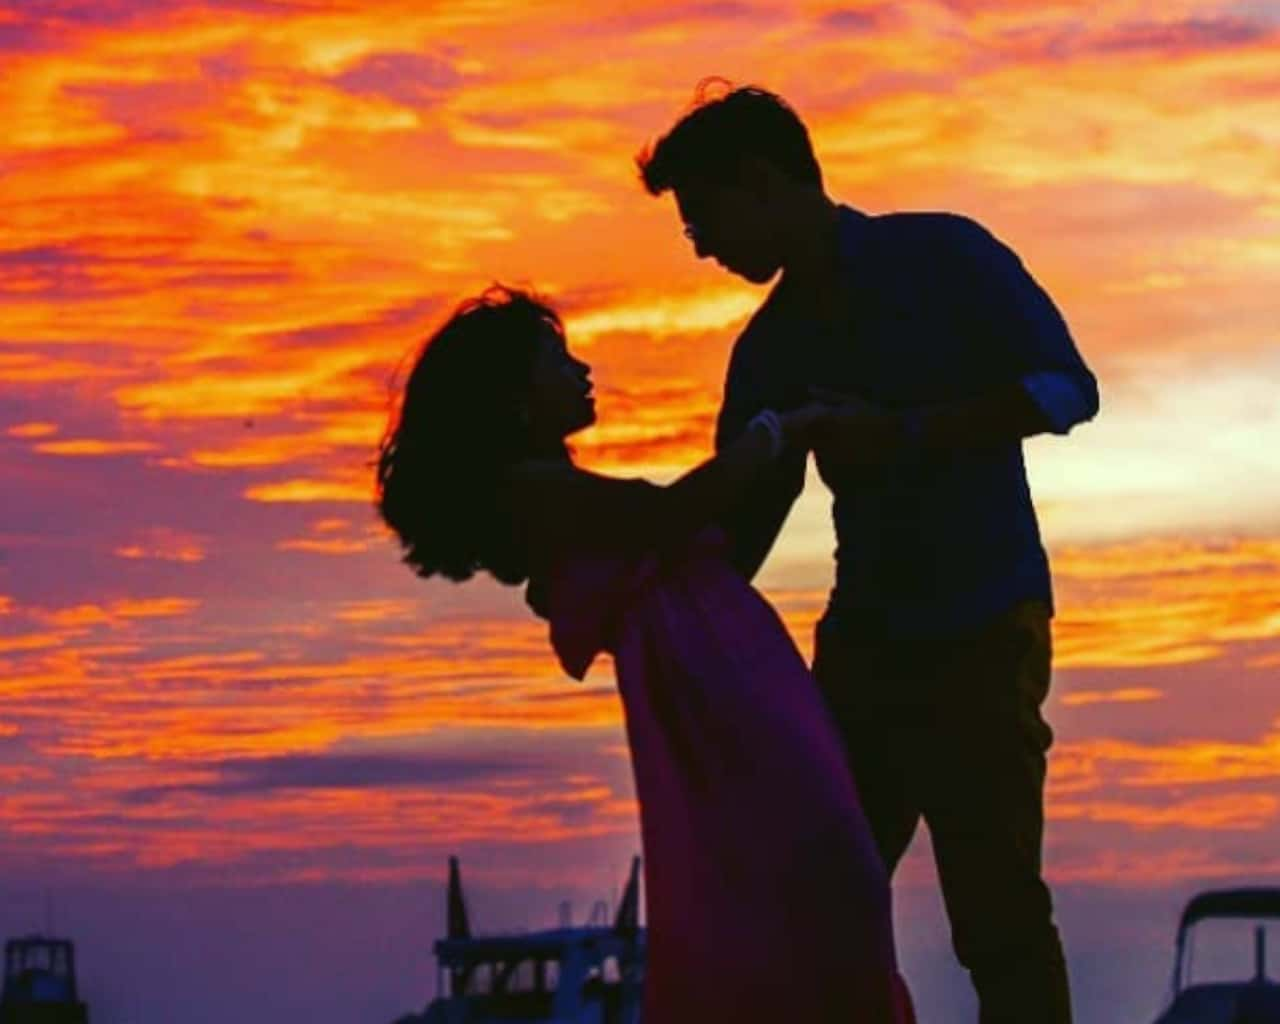 σχέσεις, φλερτ, άντρας, γυναίκα στη σχέση, άντρας στη σχέση